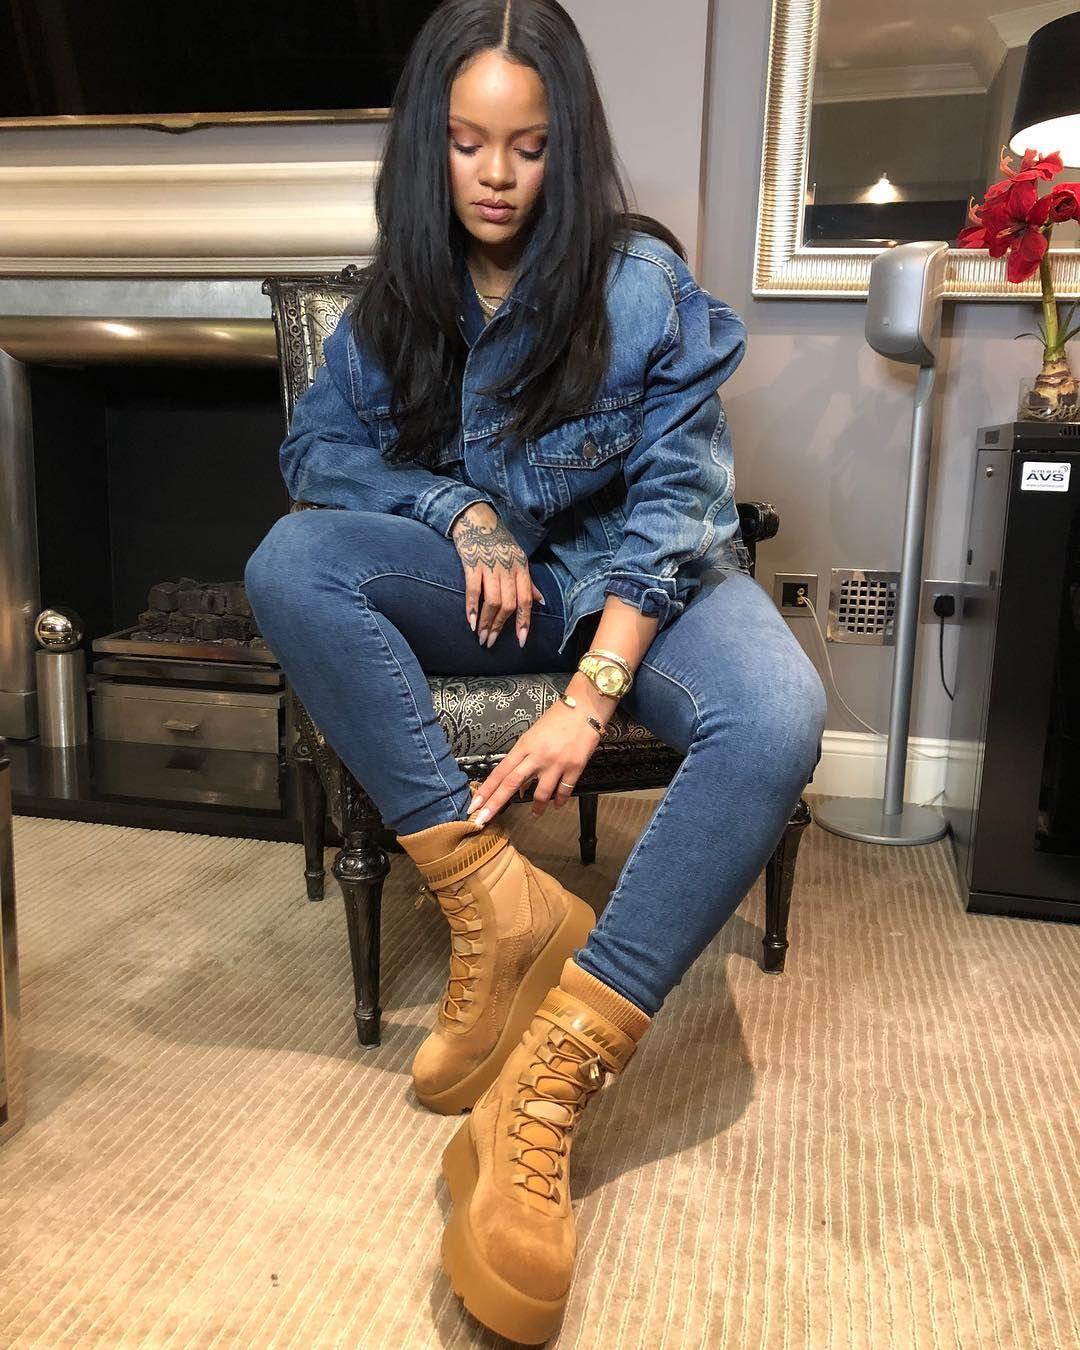 c77f7096bae3 8 подруг Оушена фильм (2018) смотреть онлайн бесплатно триллер hd 720. США  Rihanna